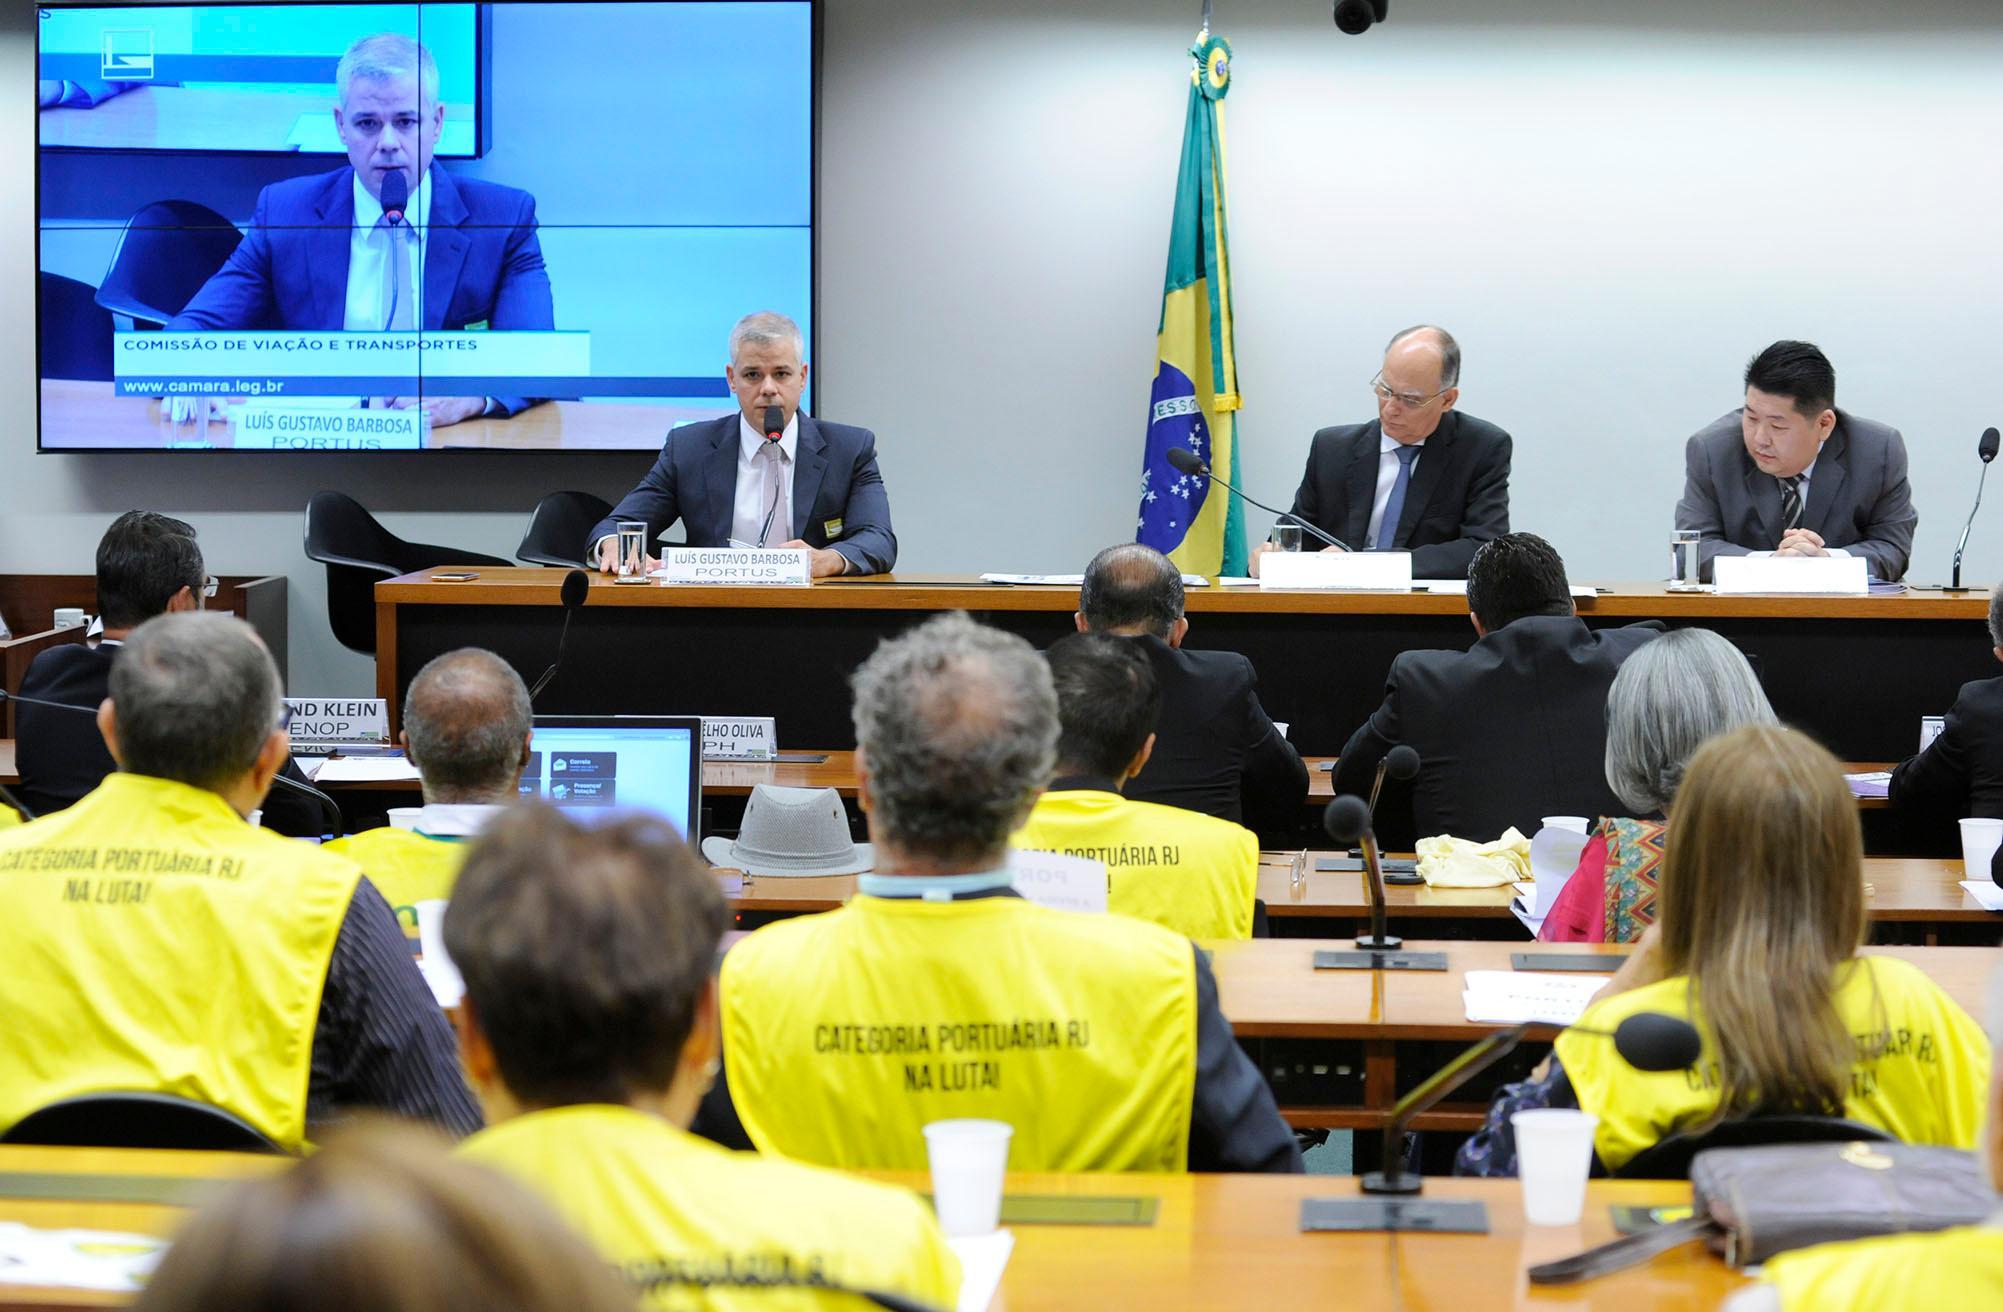 Audiência Pública sobre a situação dos participantes assistidos e pensionistas do Instituto de Seguridade Portus